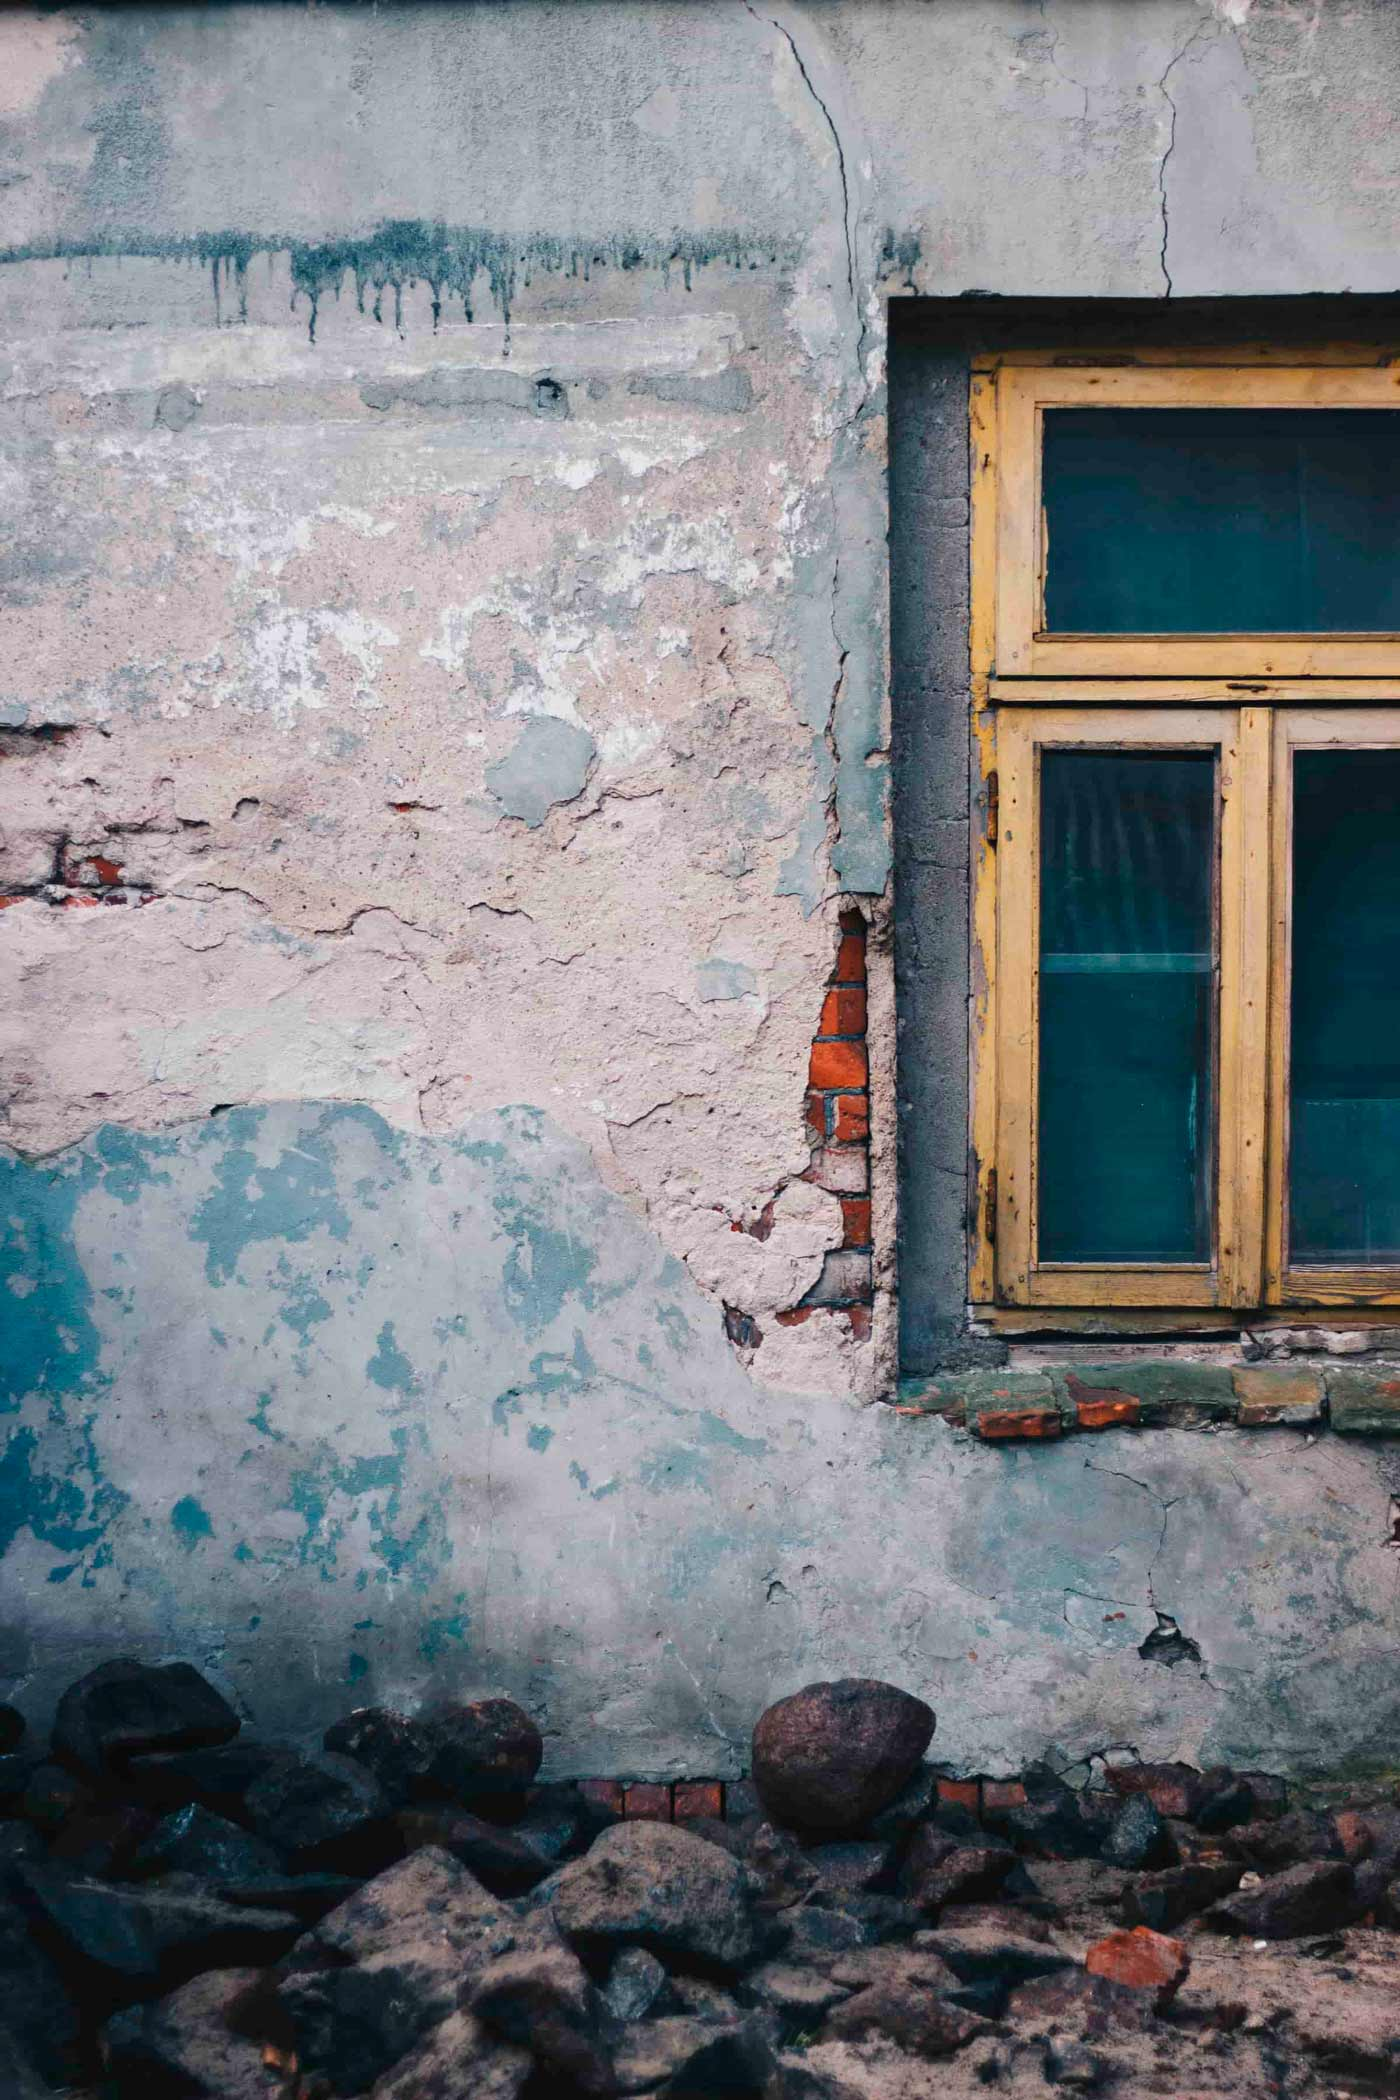 El fin de la pobreza: una temática social para trabajar en el aula